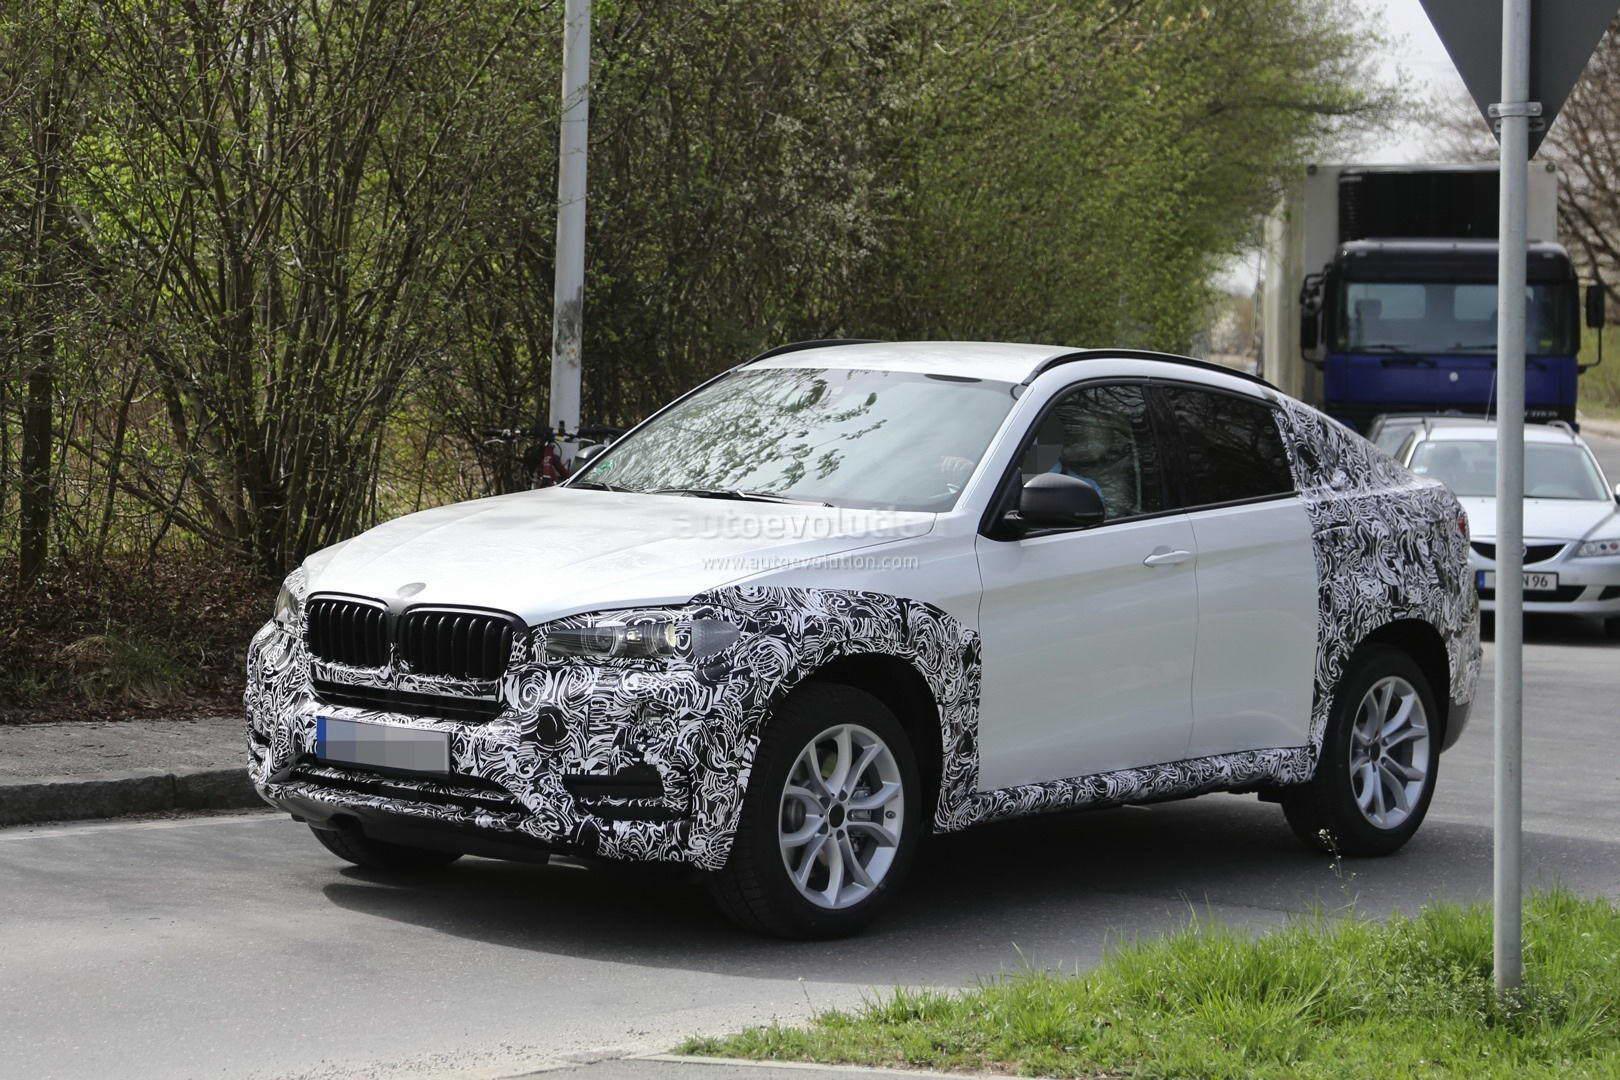 BMW X6 2015 F16